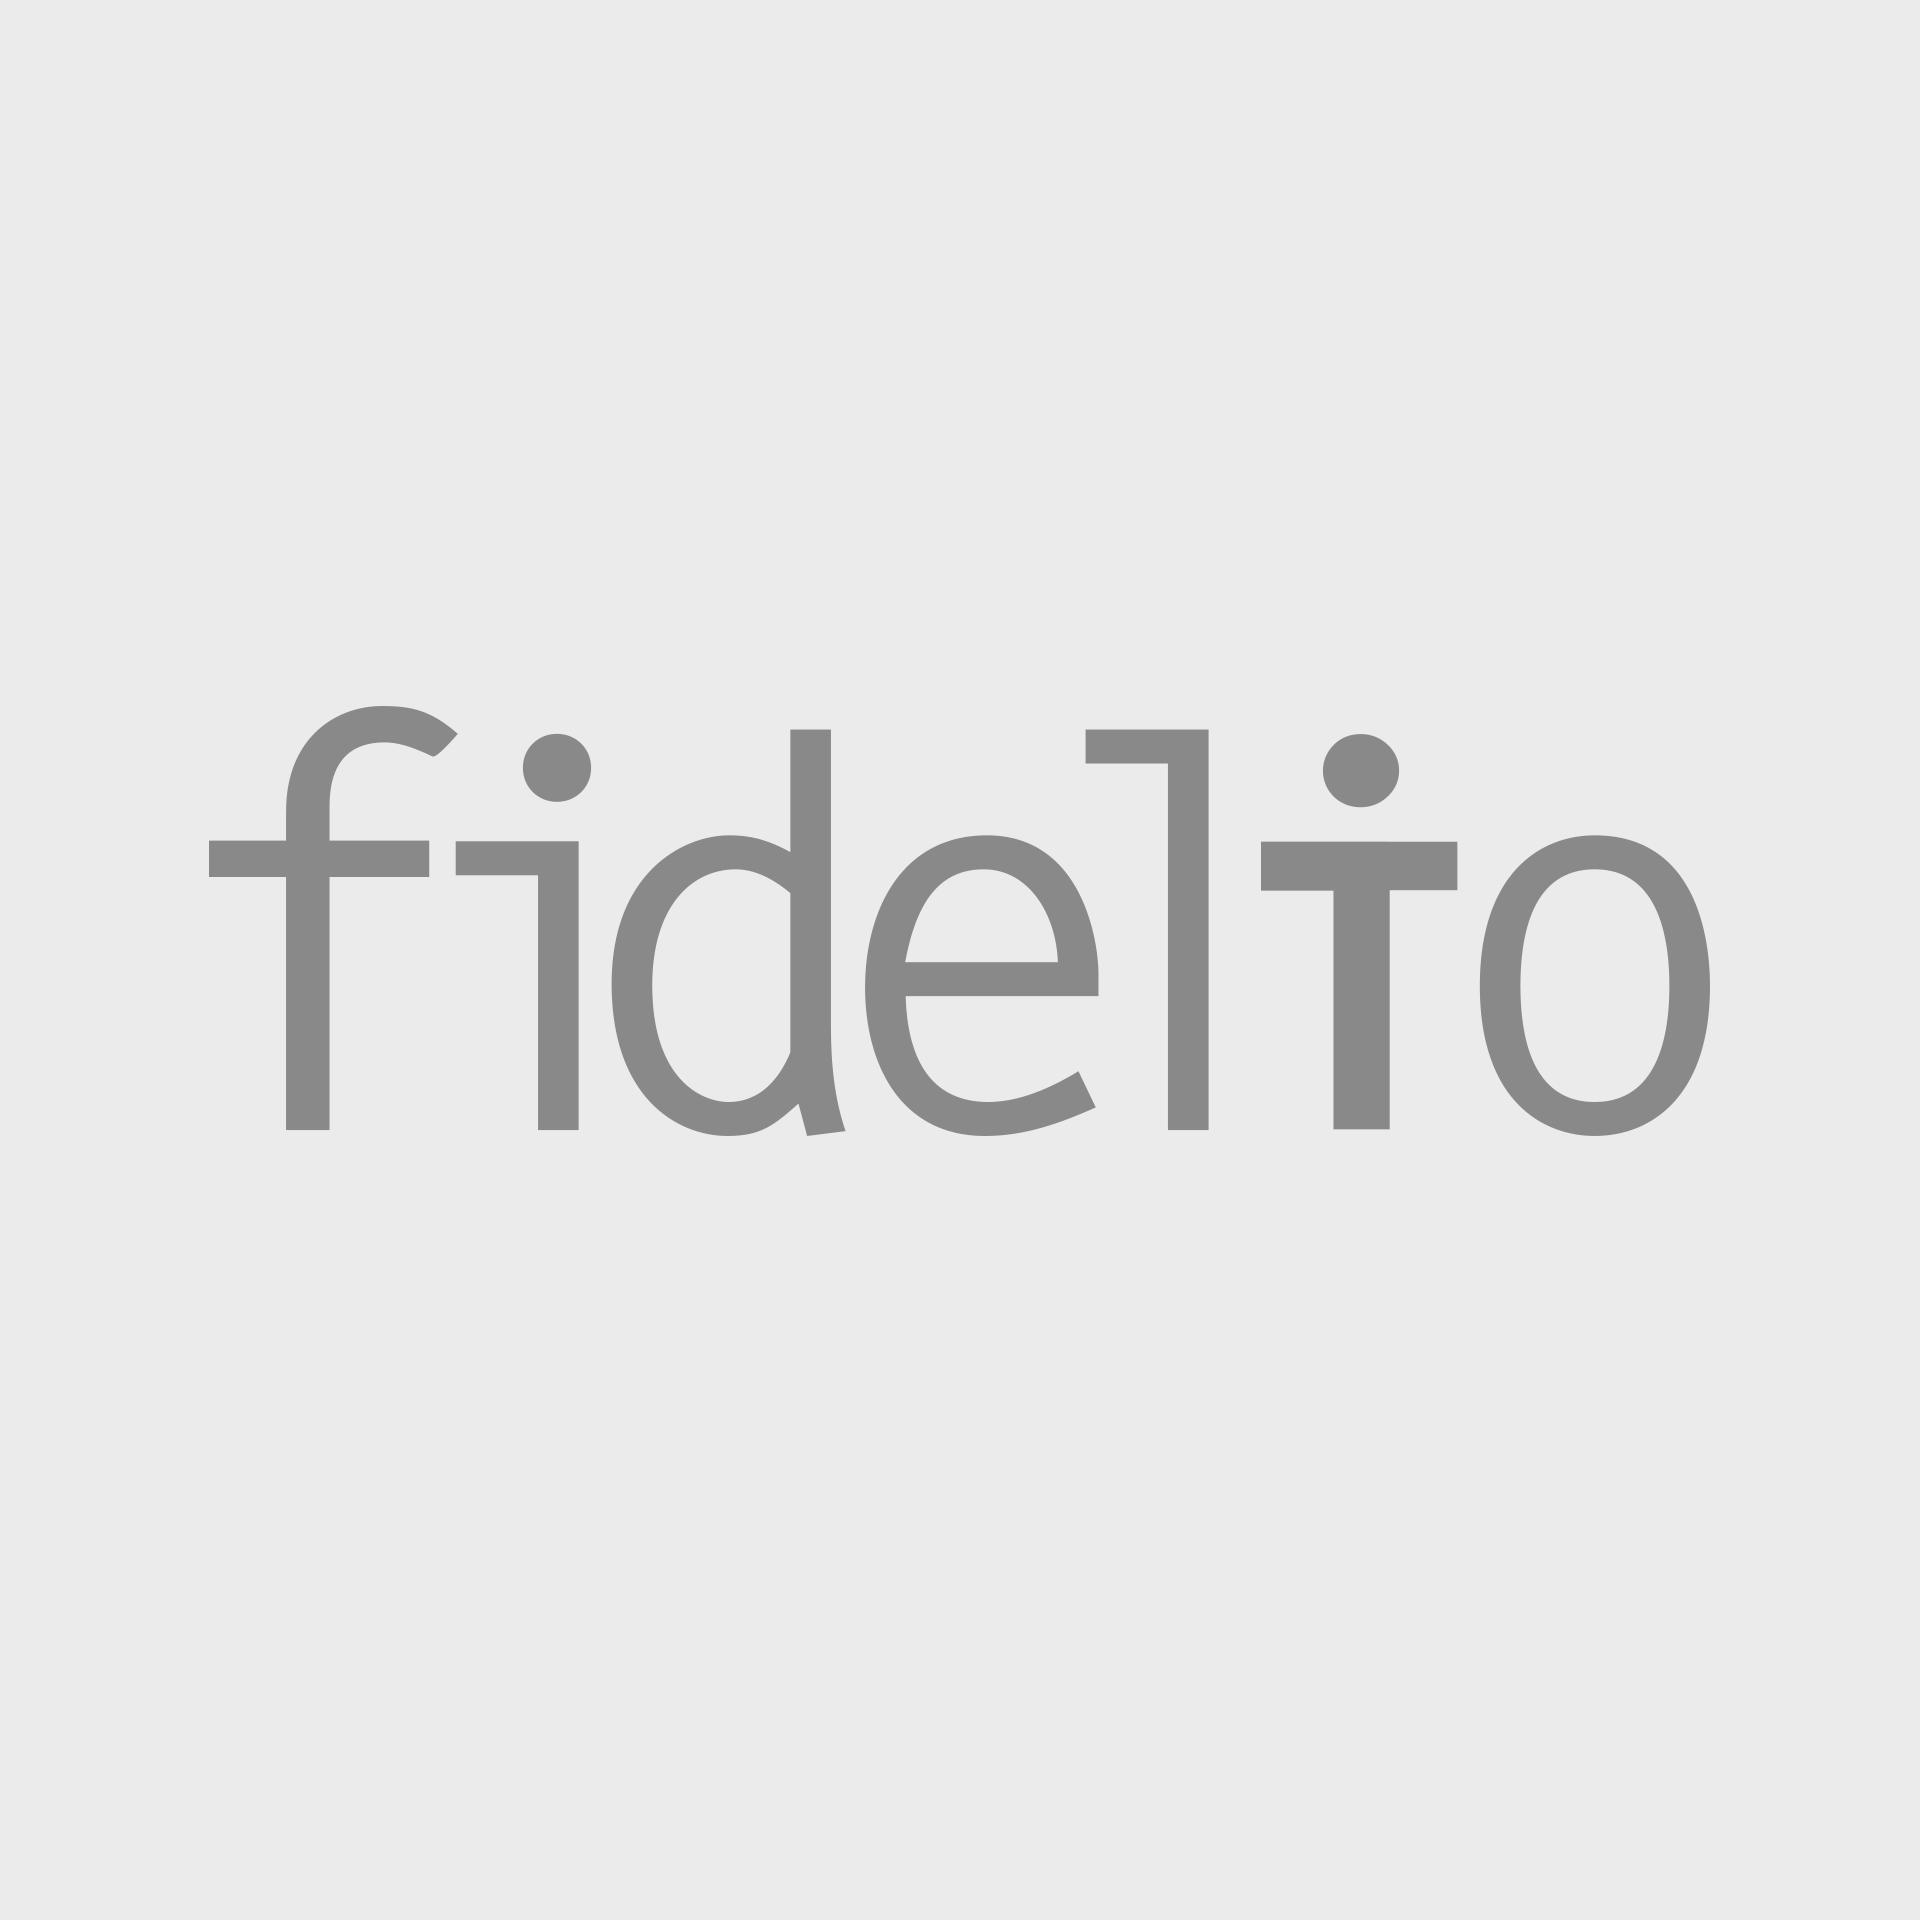 2020_feledi_noexit_SzigetiLaszlo-122245.jpg